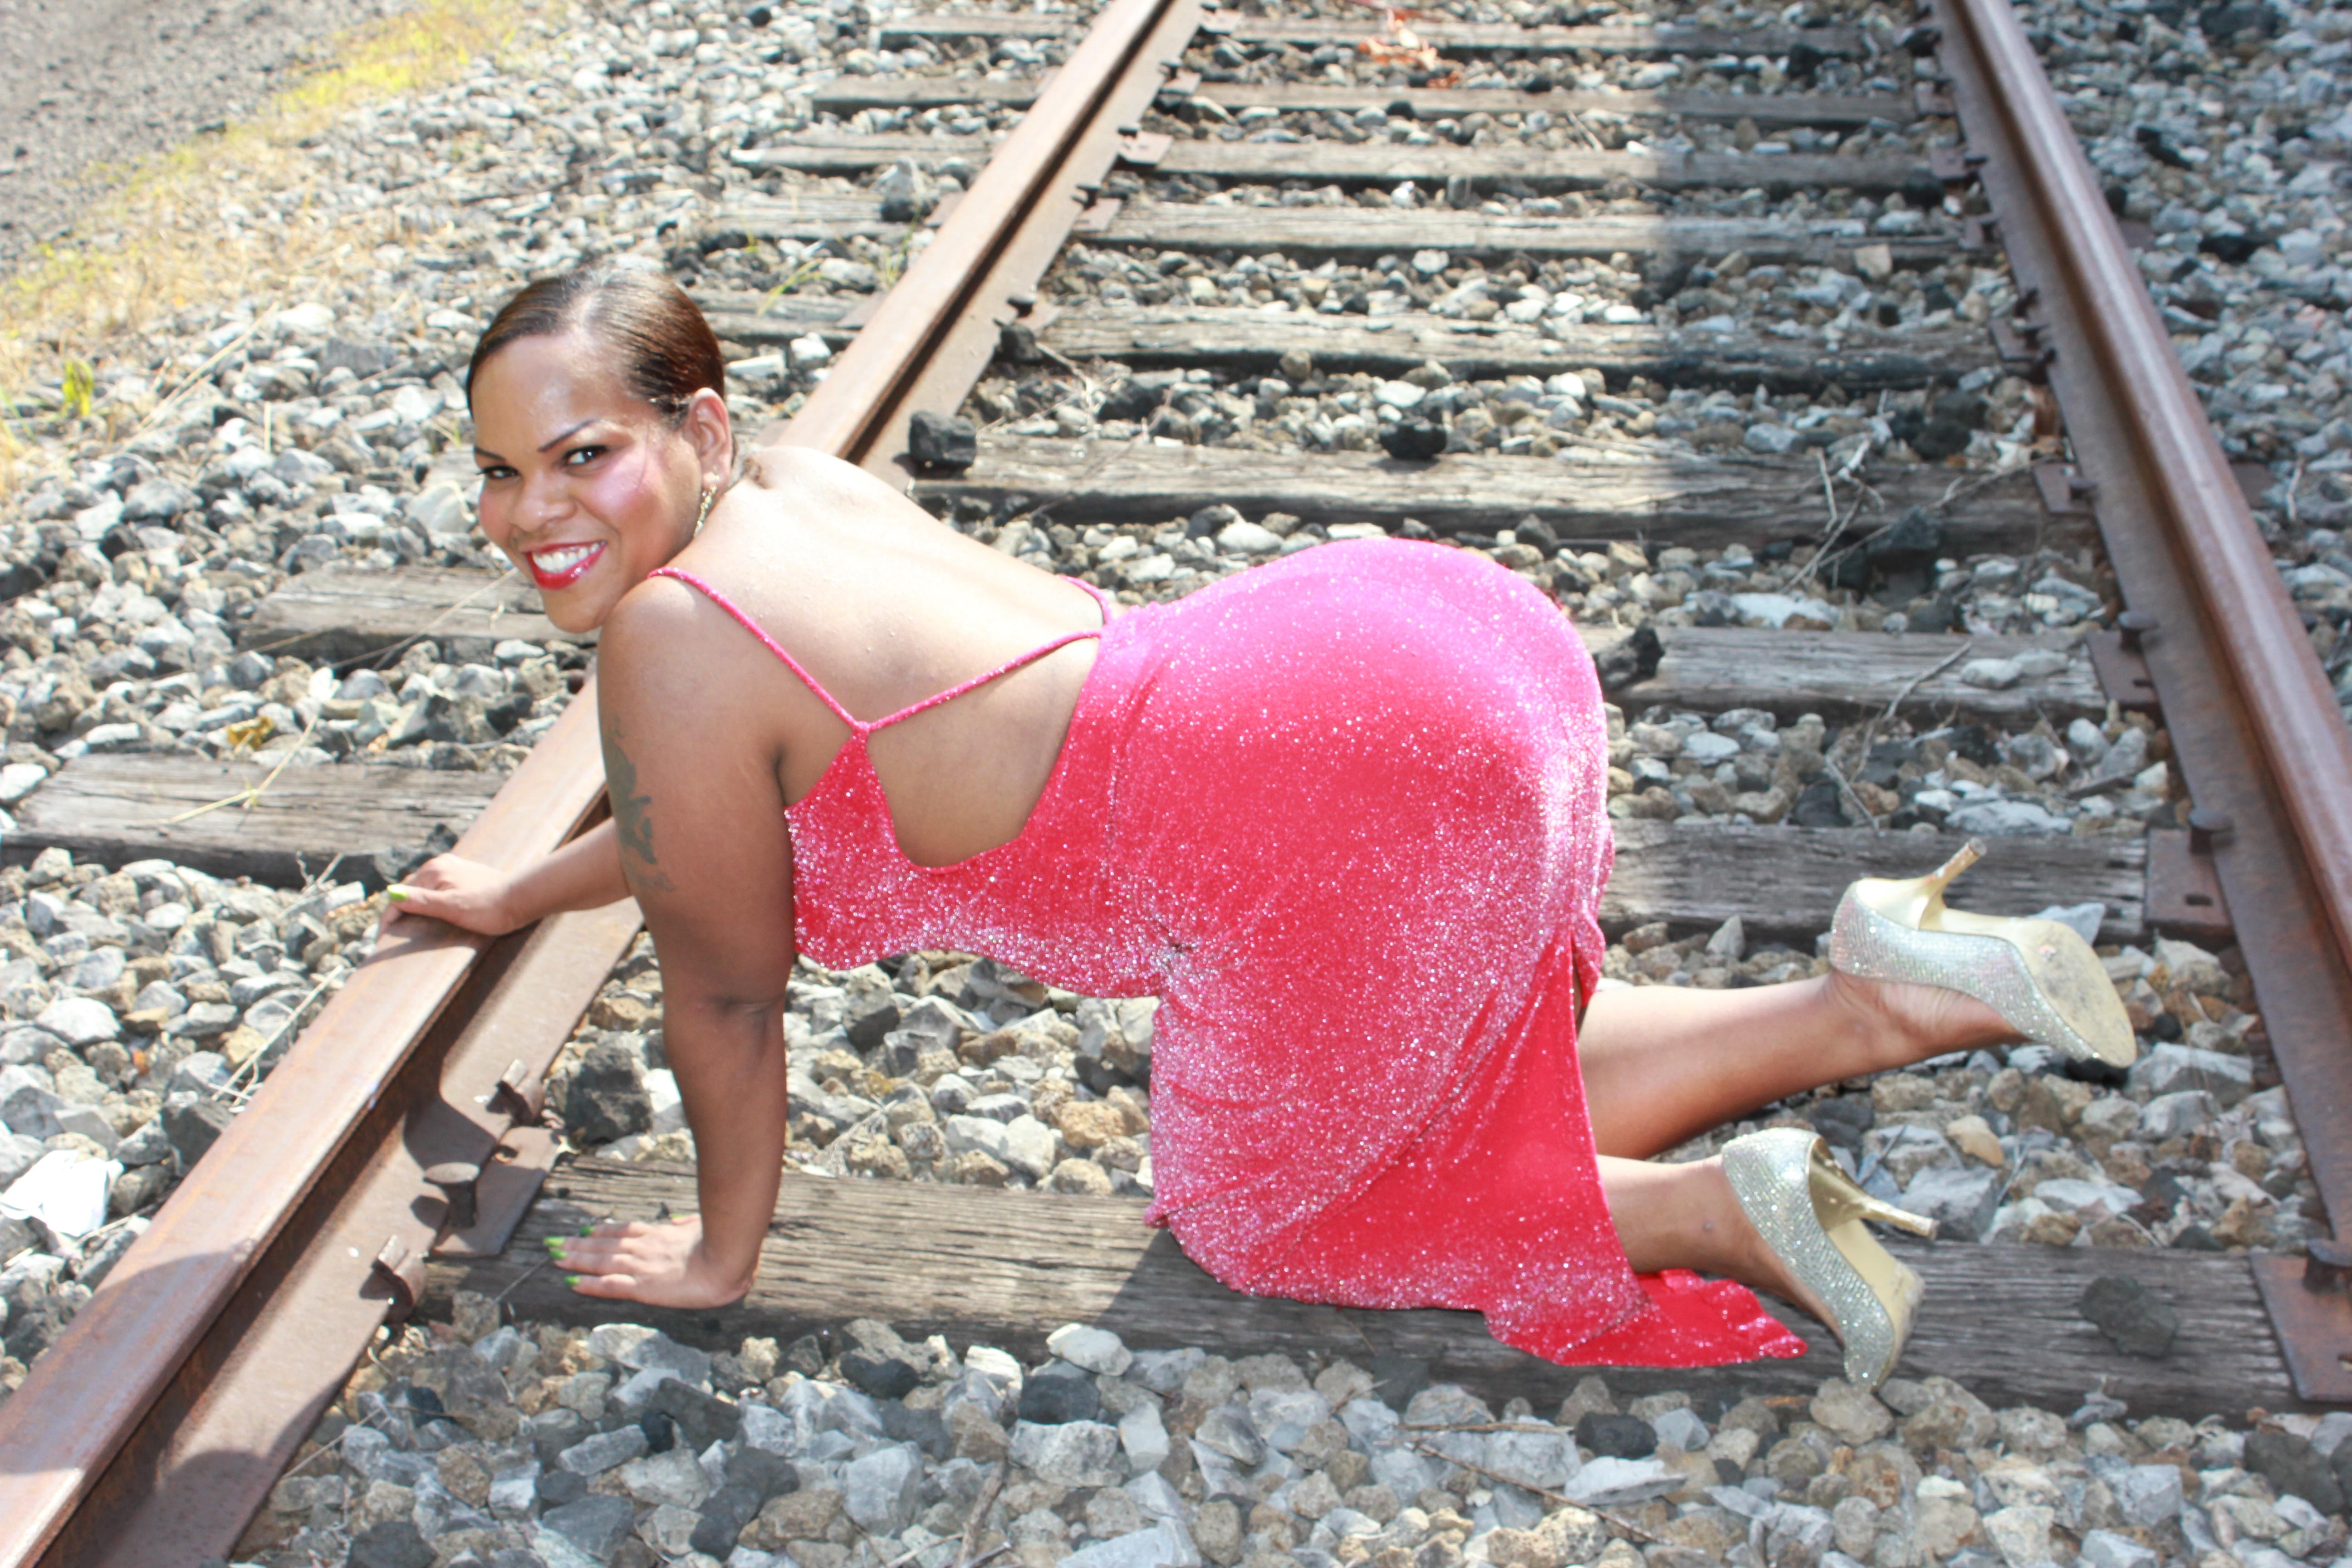 фото крупных женских поезд жадностью трахал